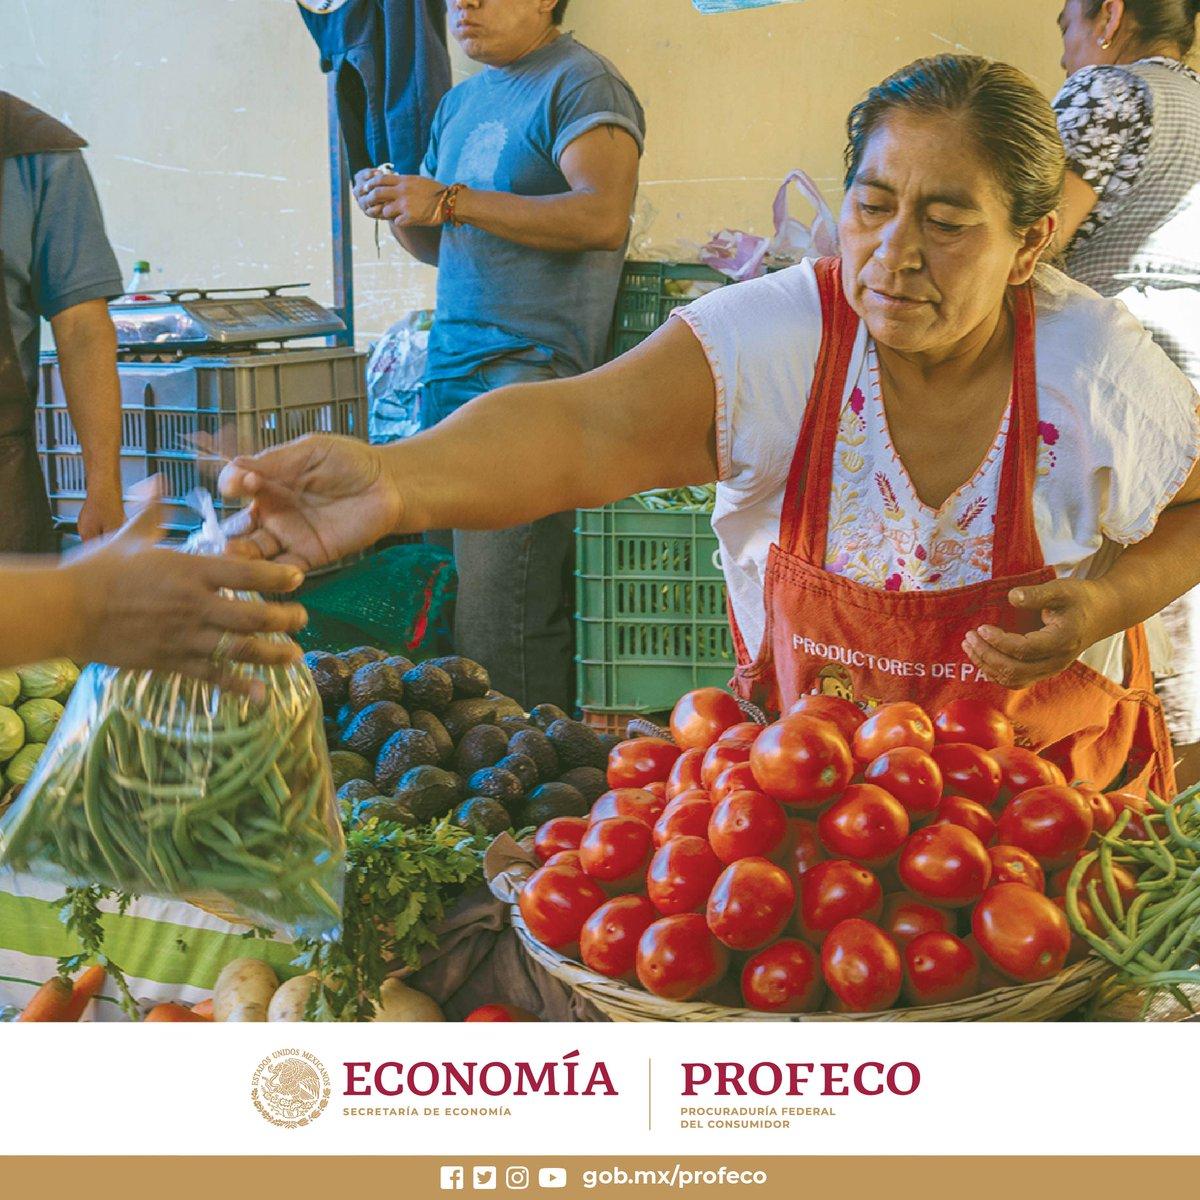 #QuédateEnCasa y ¡Apoya al comercio de tu localidad! los artículos son más frescos y sostenibles. #ConsumoLocal pic.twitter.com/9mgKFudcHY